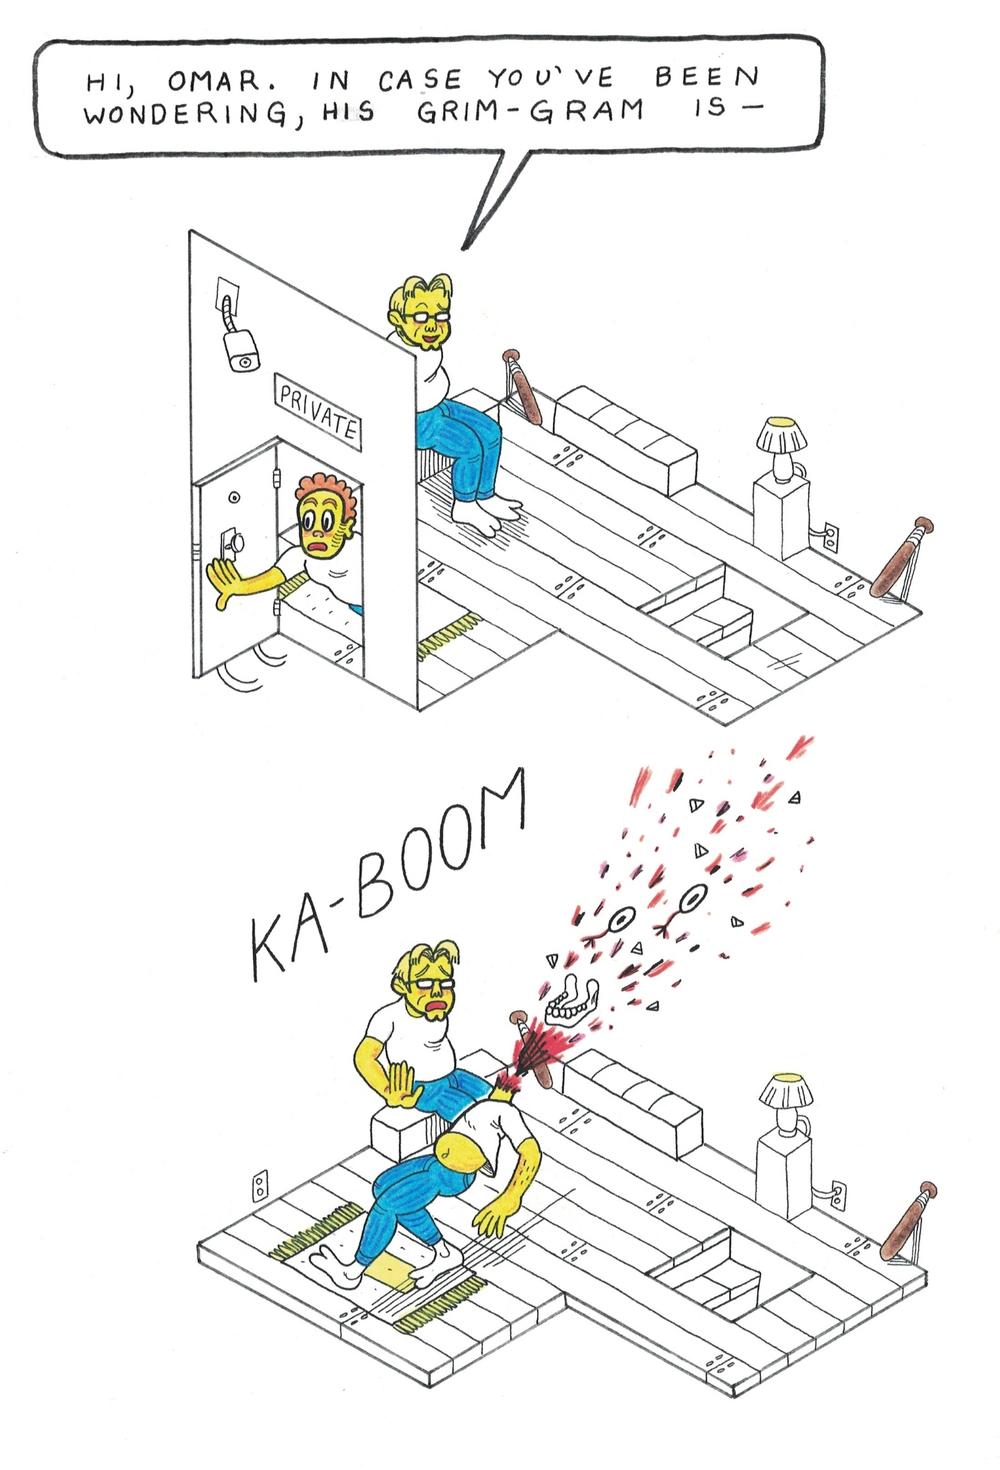 CCI10072015_66.jpg